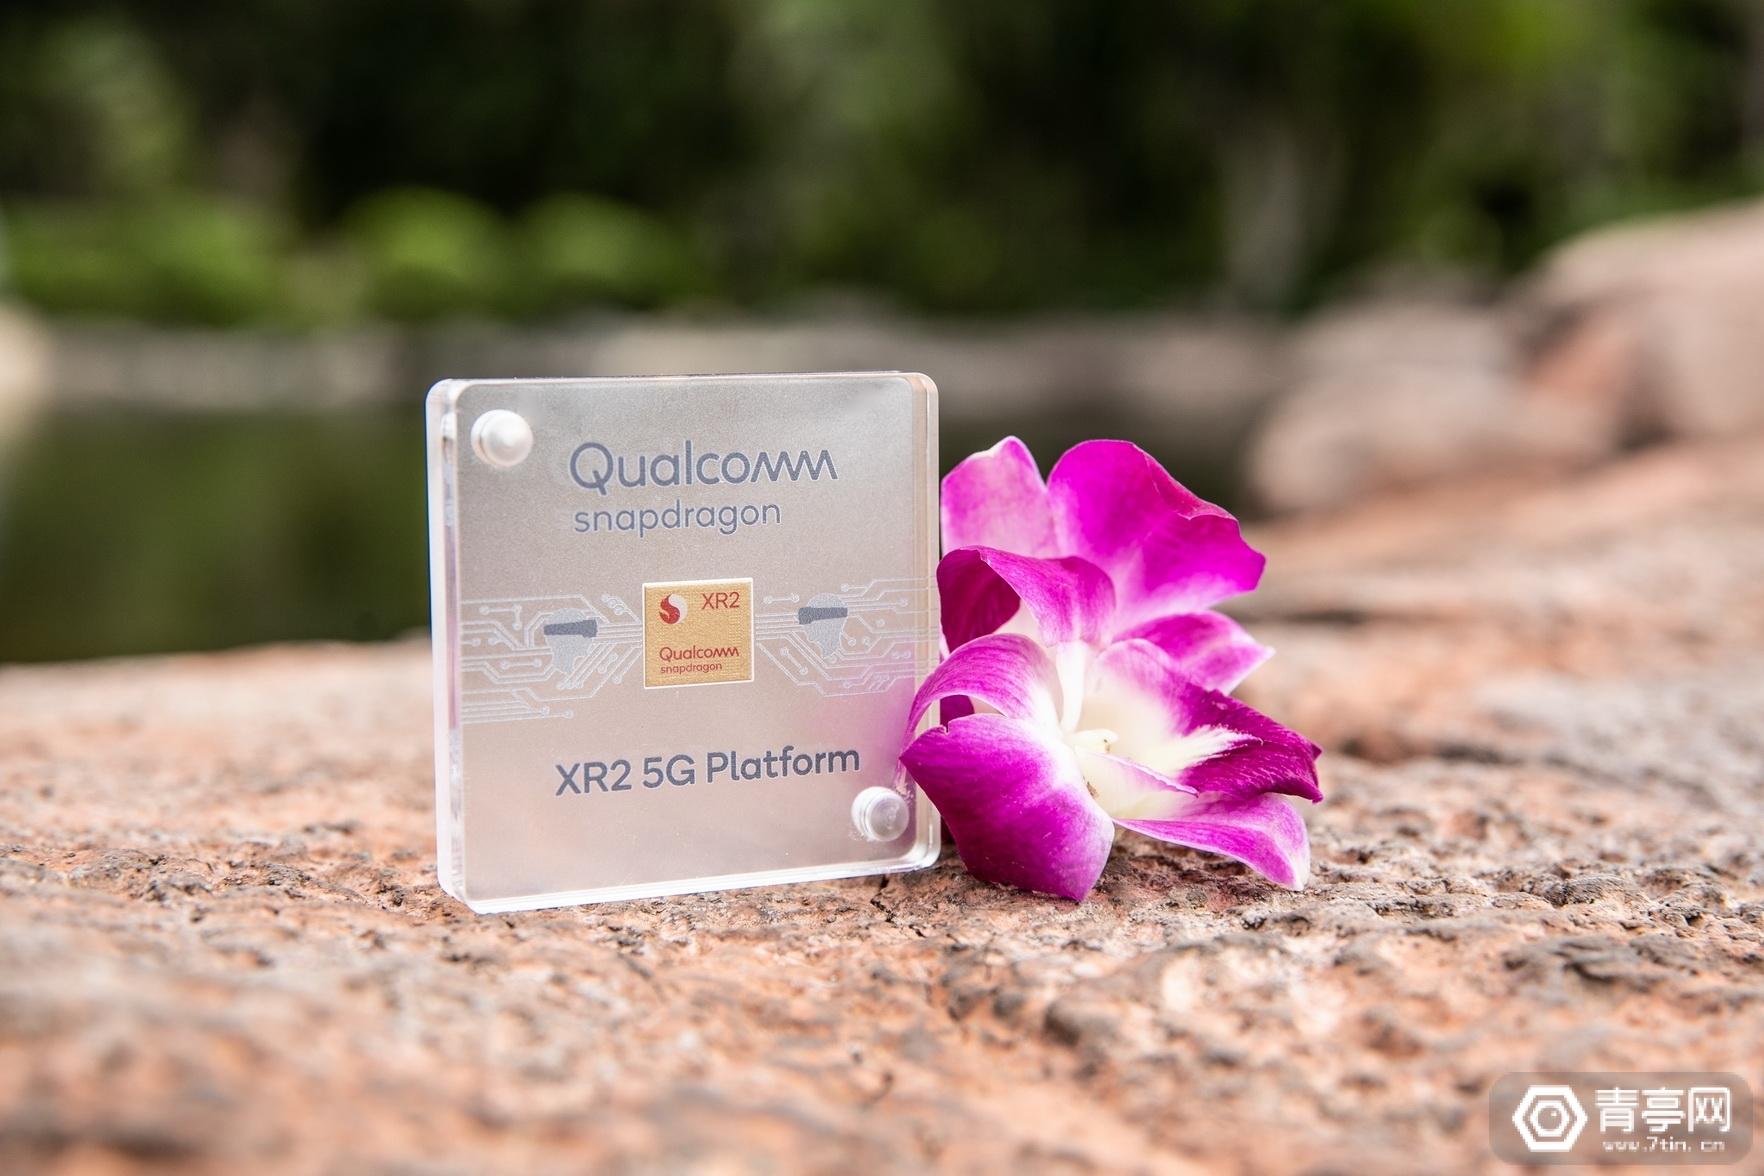 高通发布骁龙XR2:第一次5G/XR合体、七摄像头并行